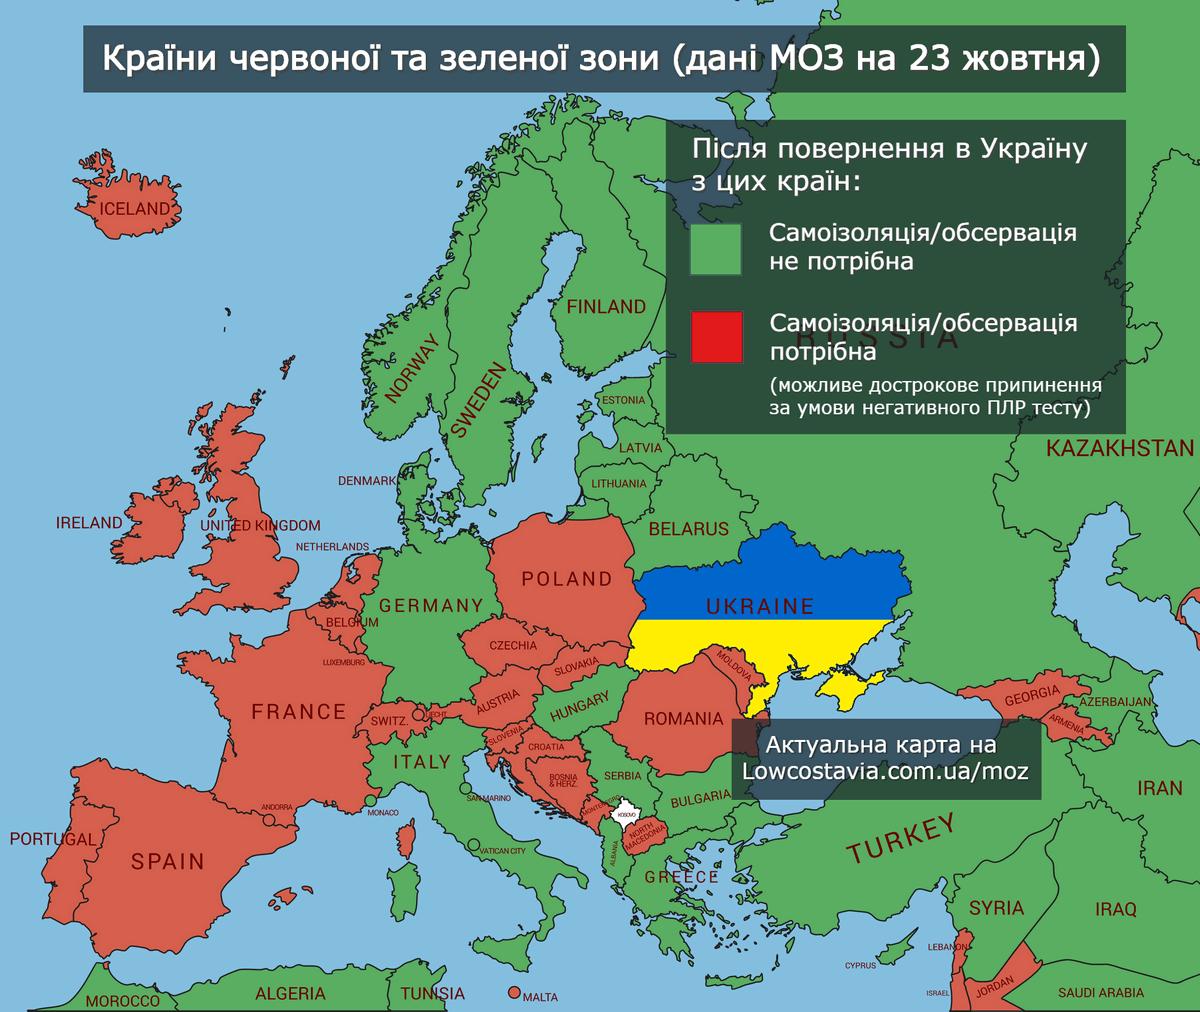 Новые данные МЗ стран зеленой зоны. Польша, Хорватия, Австрия, Португалия в красной зоне! -